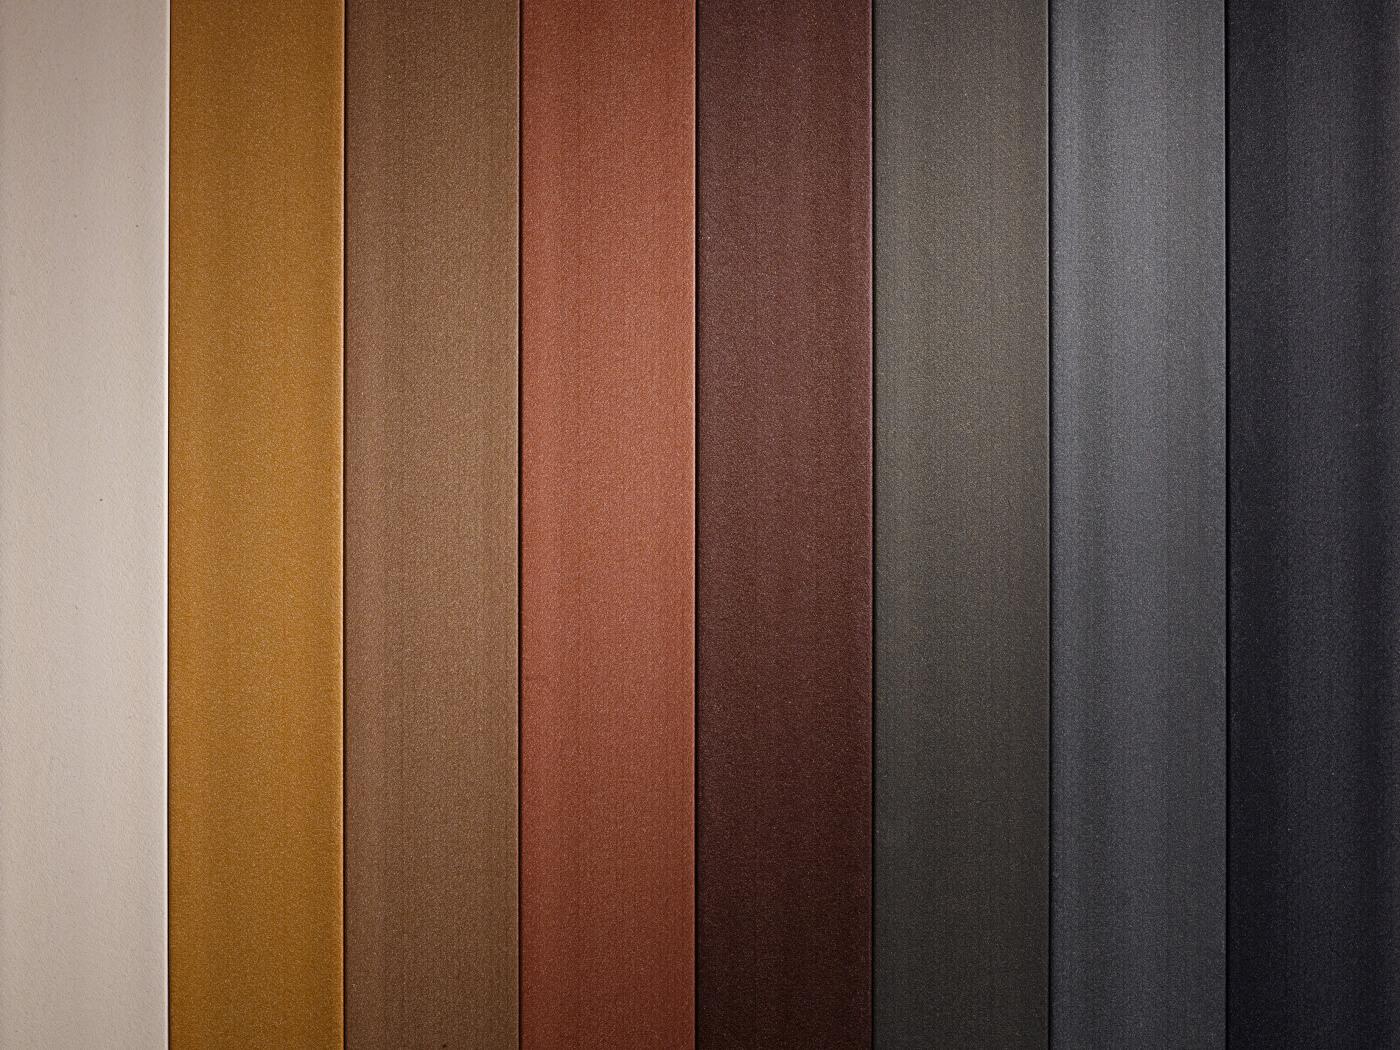 Woodee_colors